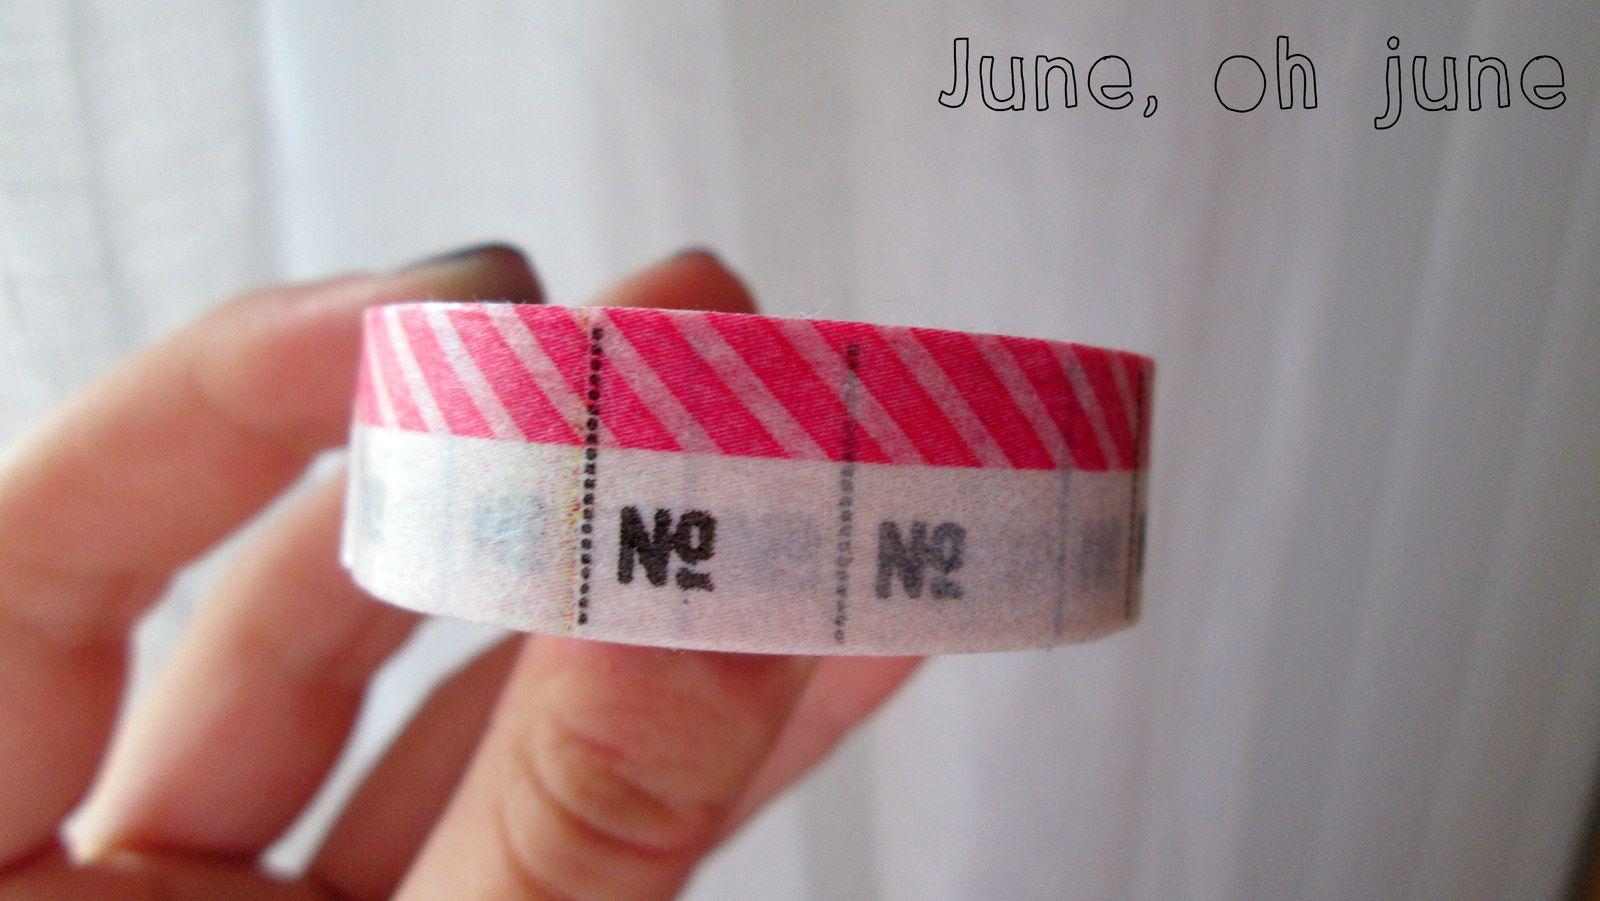 June, Oh June